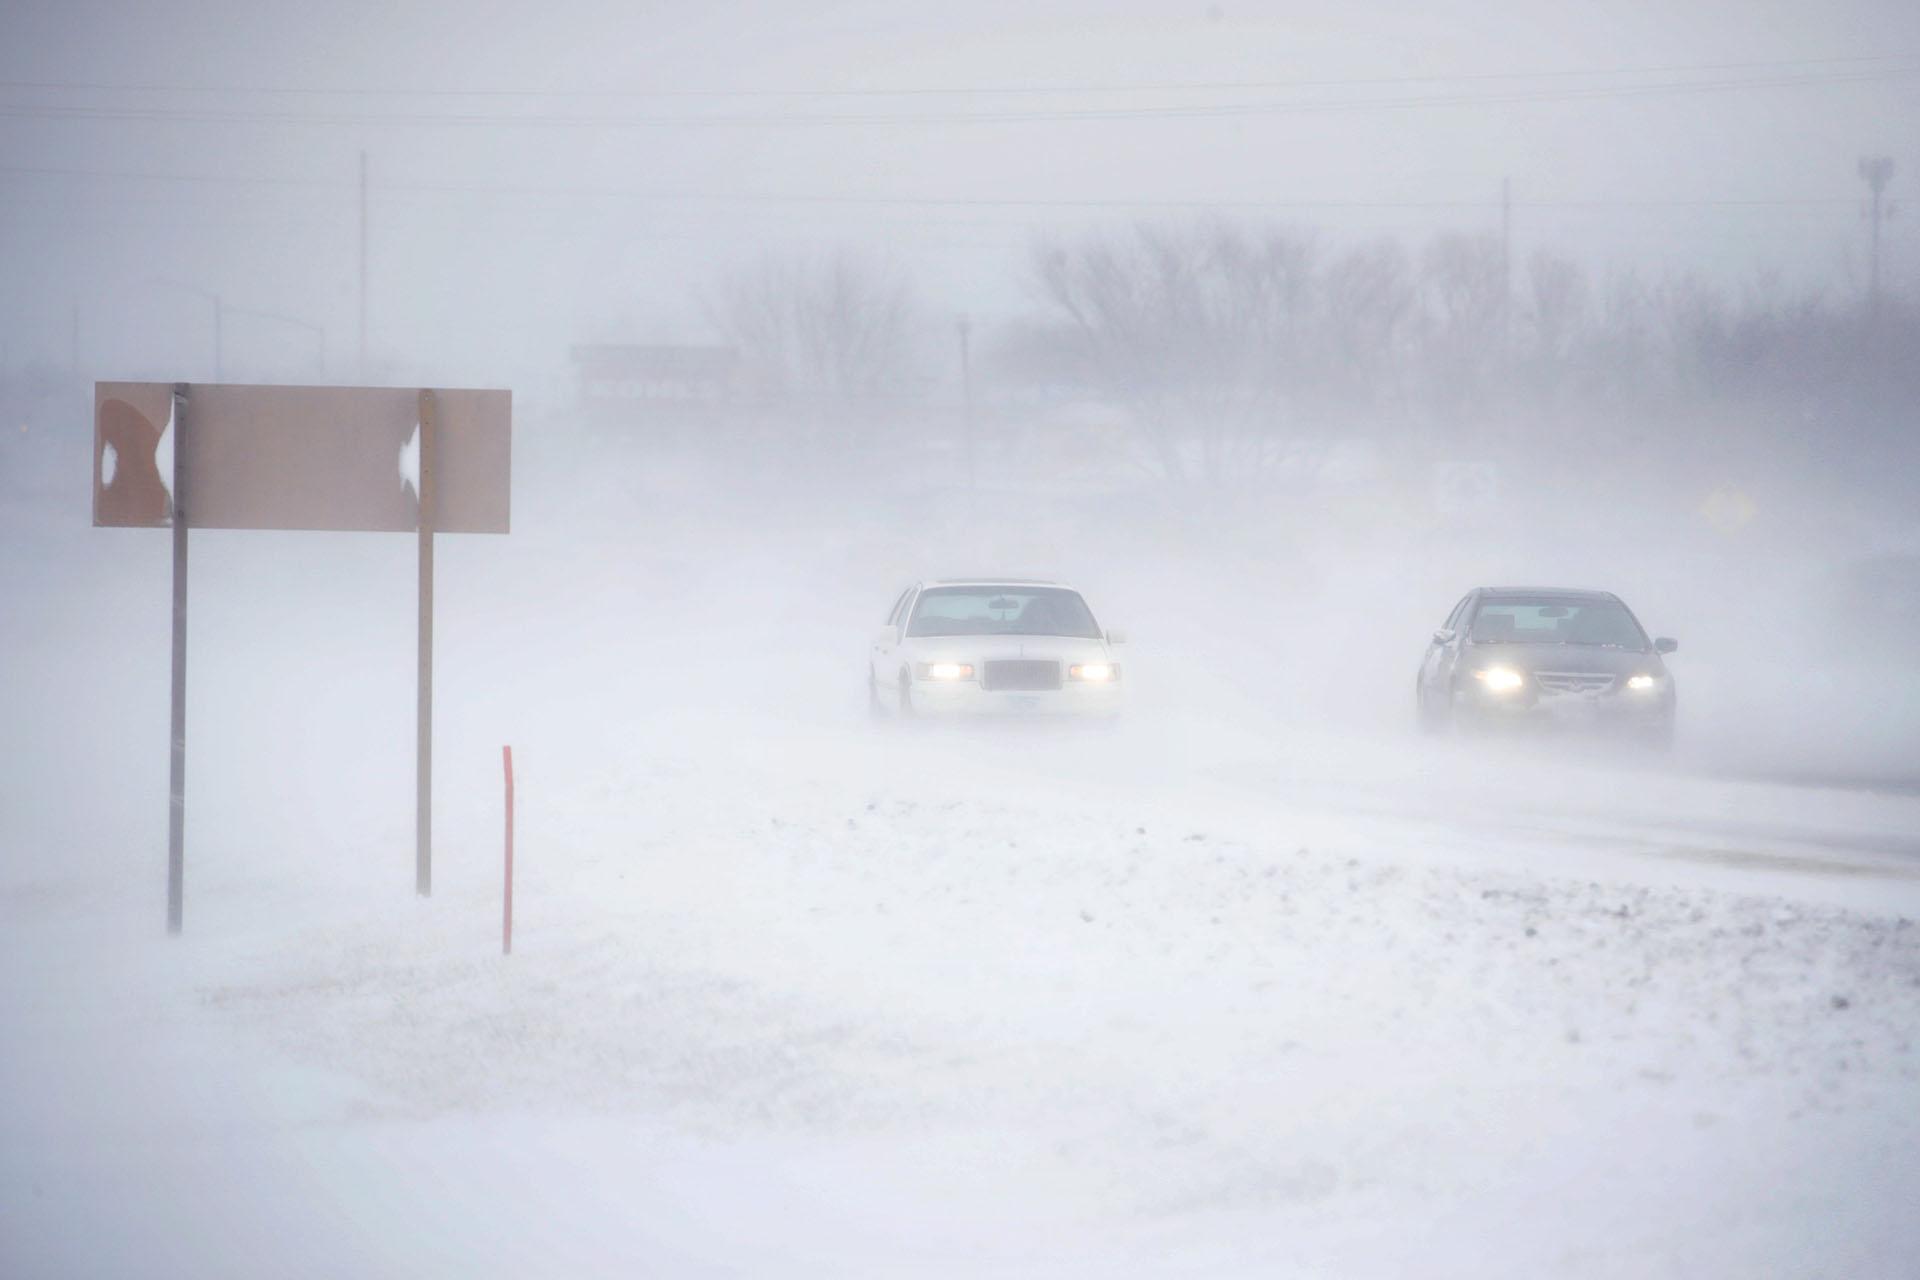 Alerta por una gran tormenta de nieve que se aproxima al noreste de Estados Unidos - Infobae